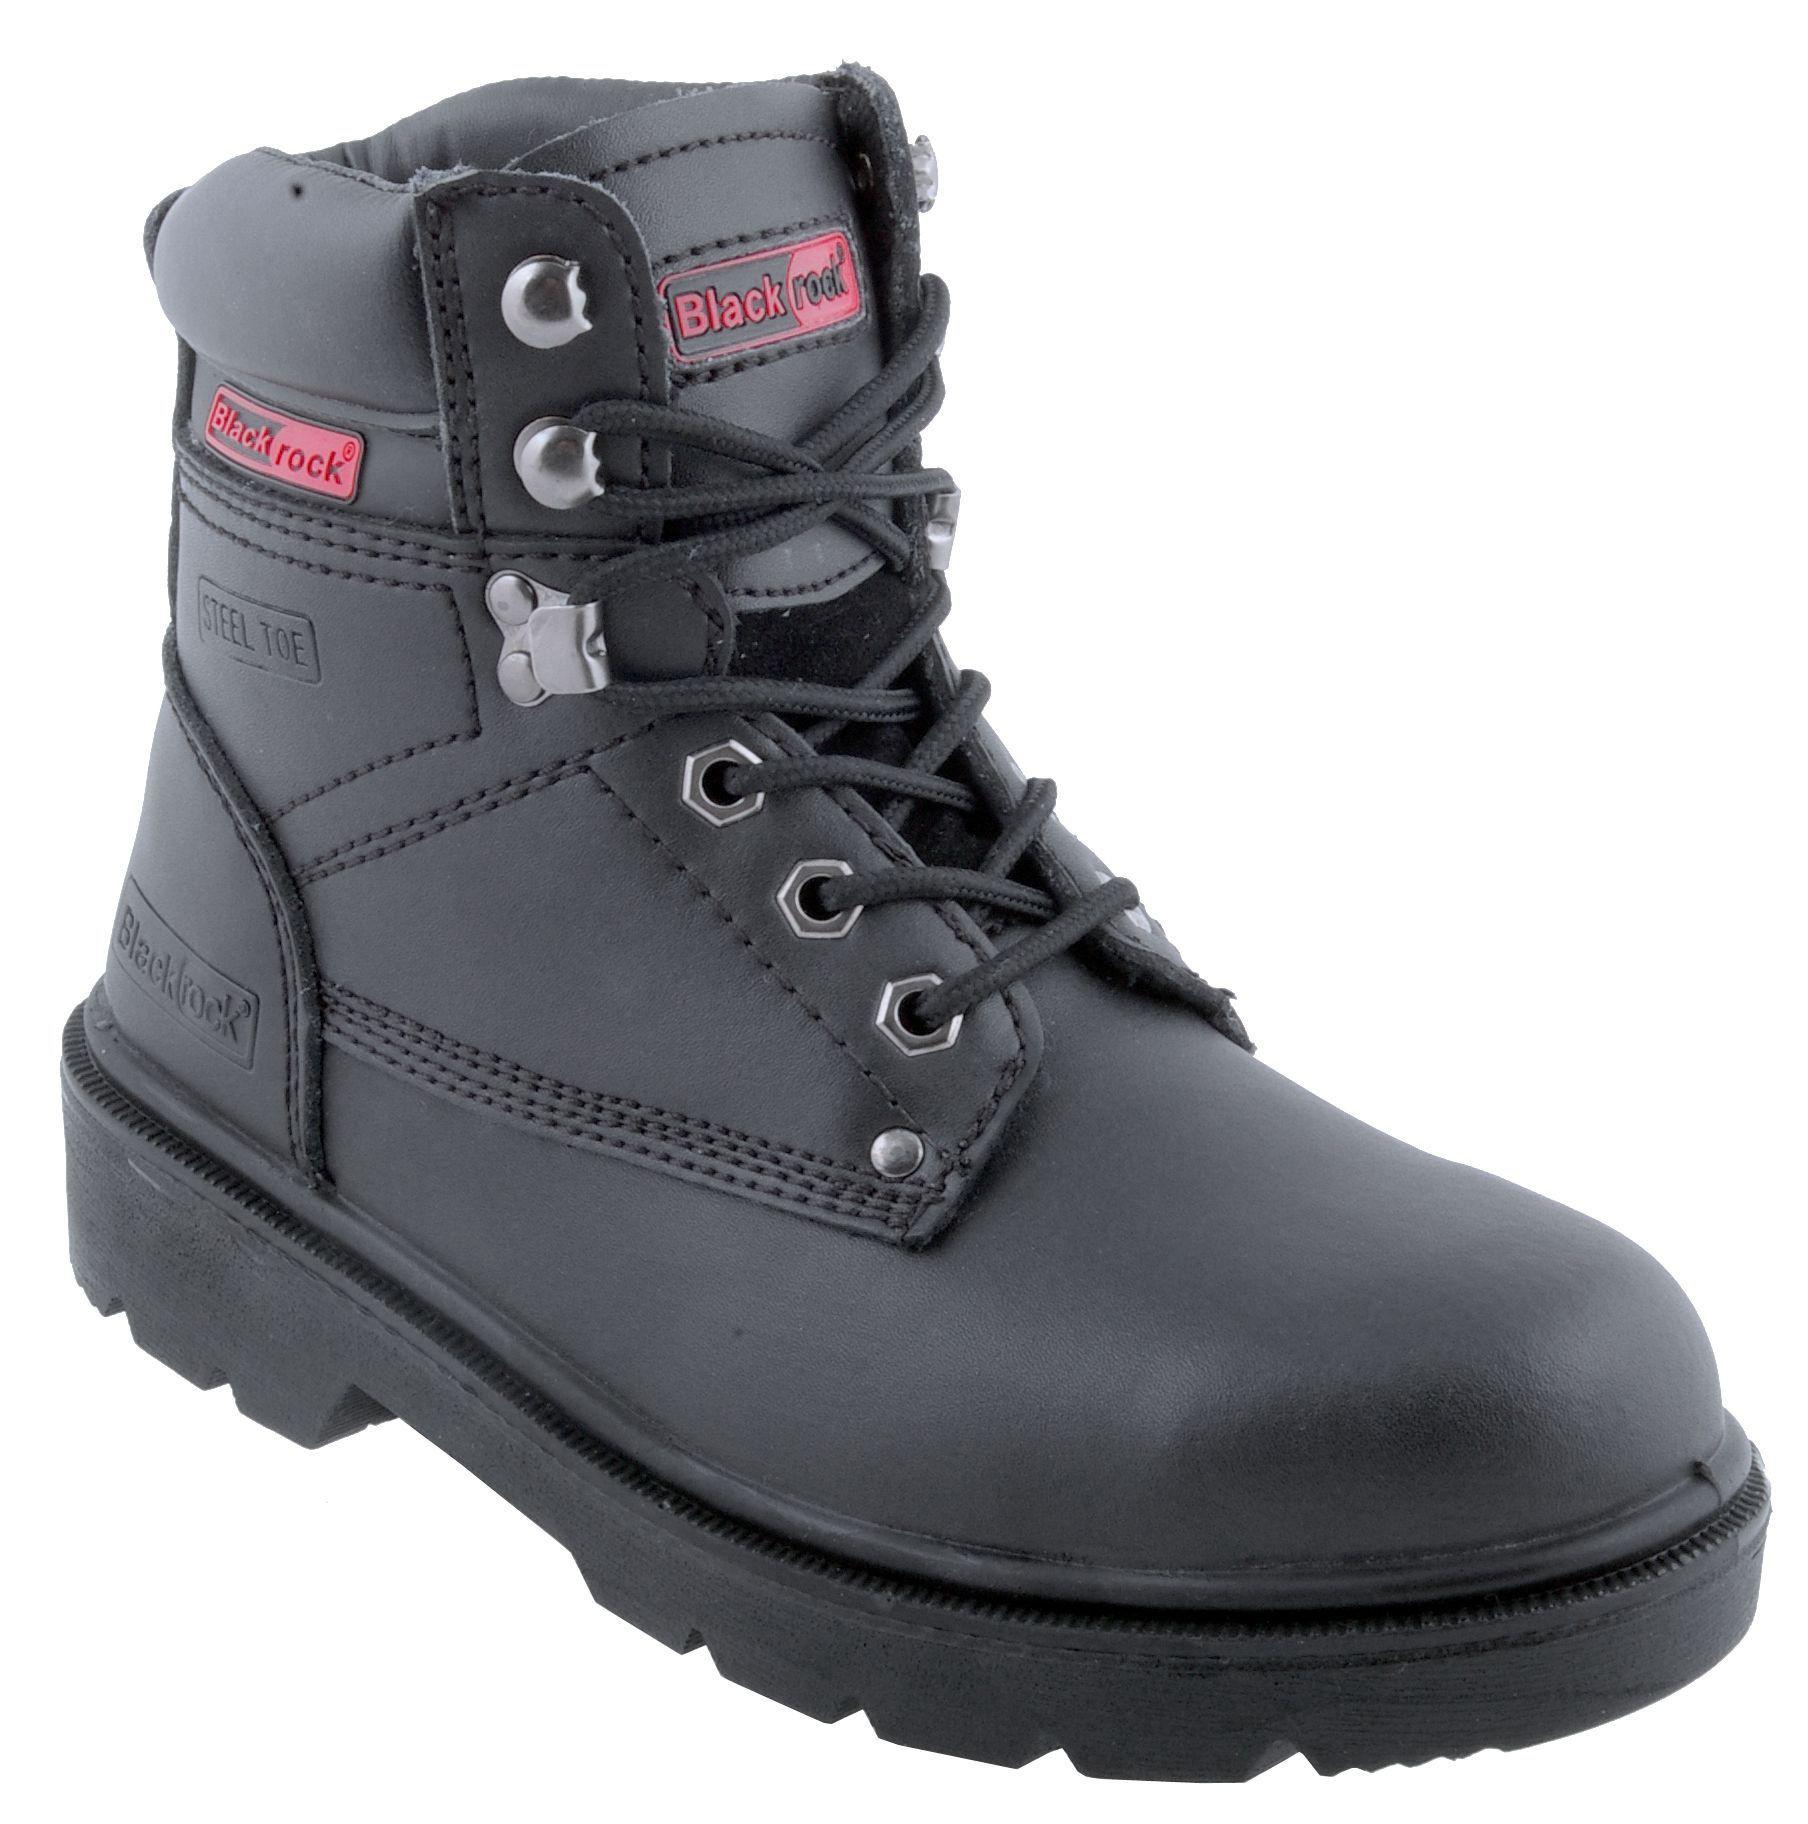 Blackrock SF08 Water & Oil Resistant Ultimate Boot